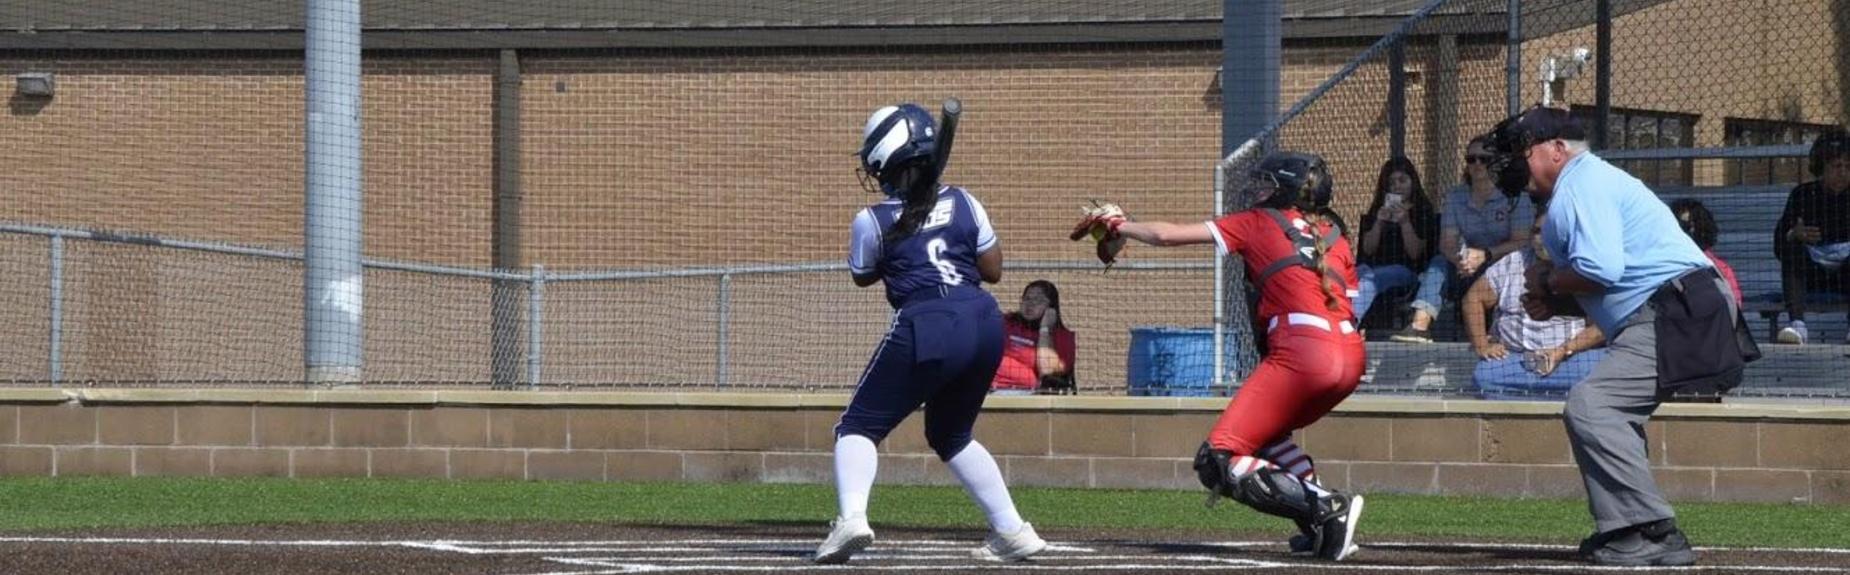 Girls Softball batter